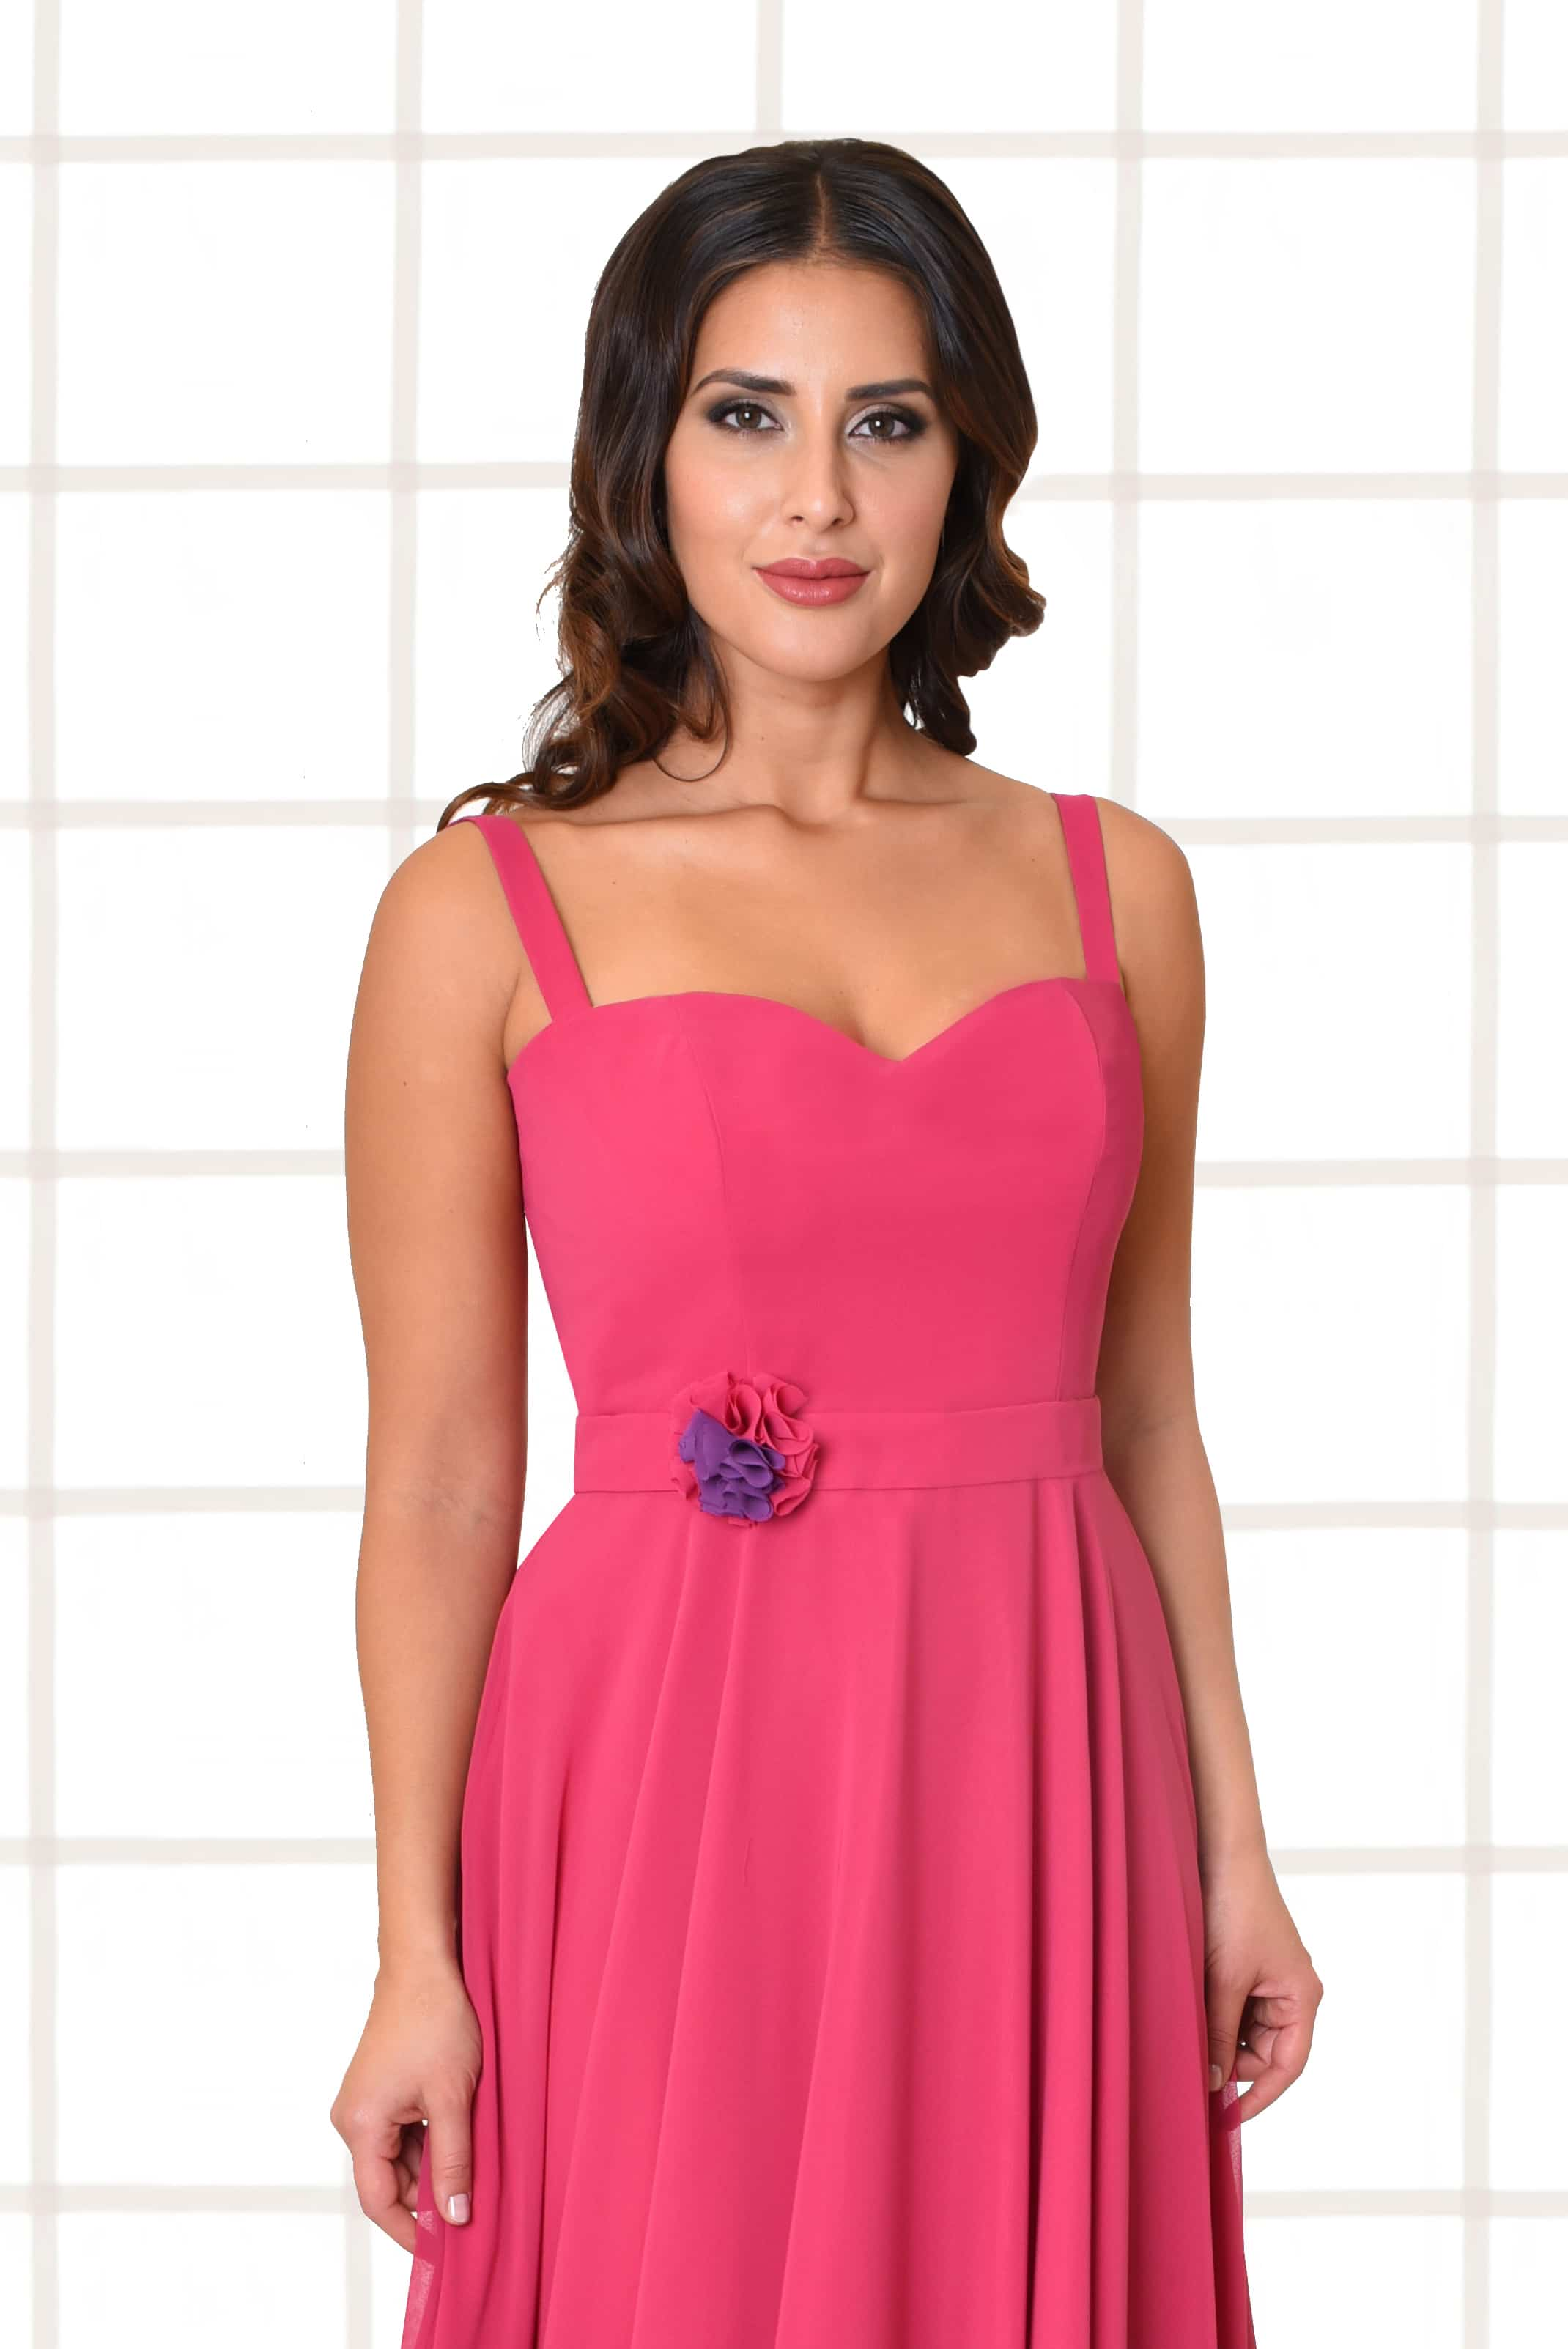 Abendkleid lang Carina pink Gürtel mit Blütenapplikation und schmalen Trägern Nahaufnahme